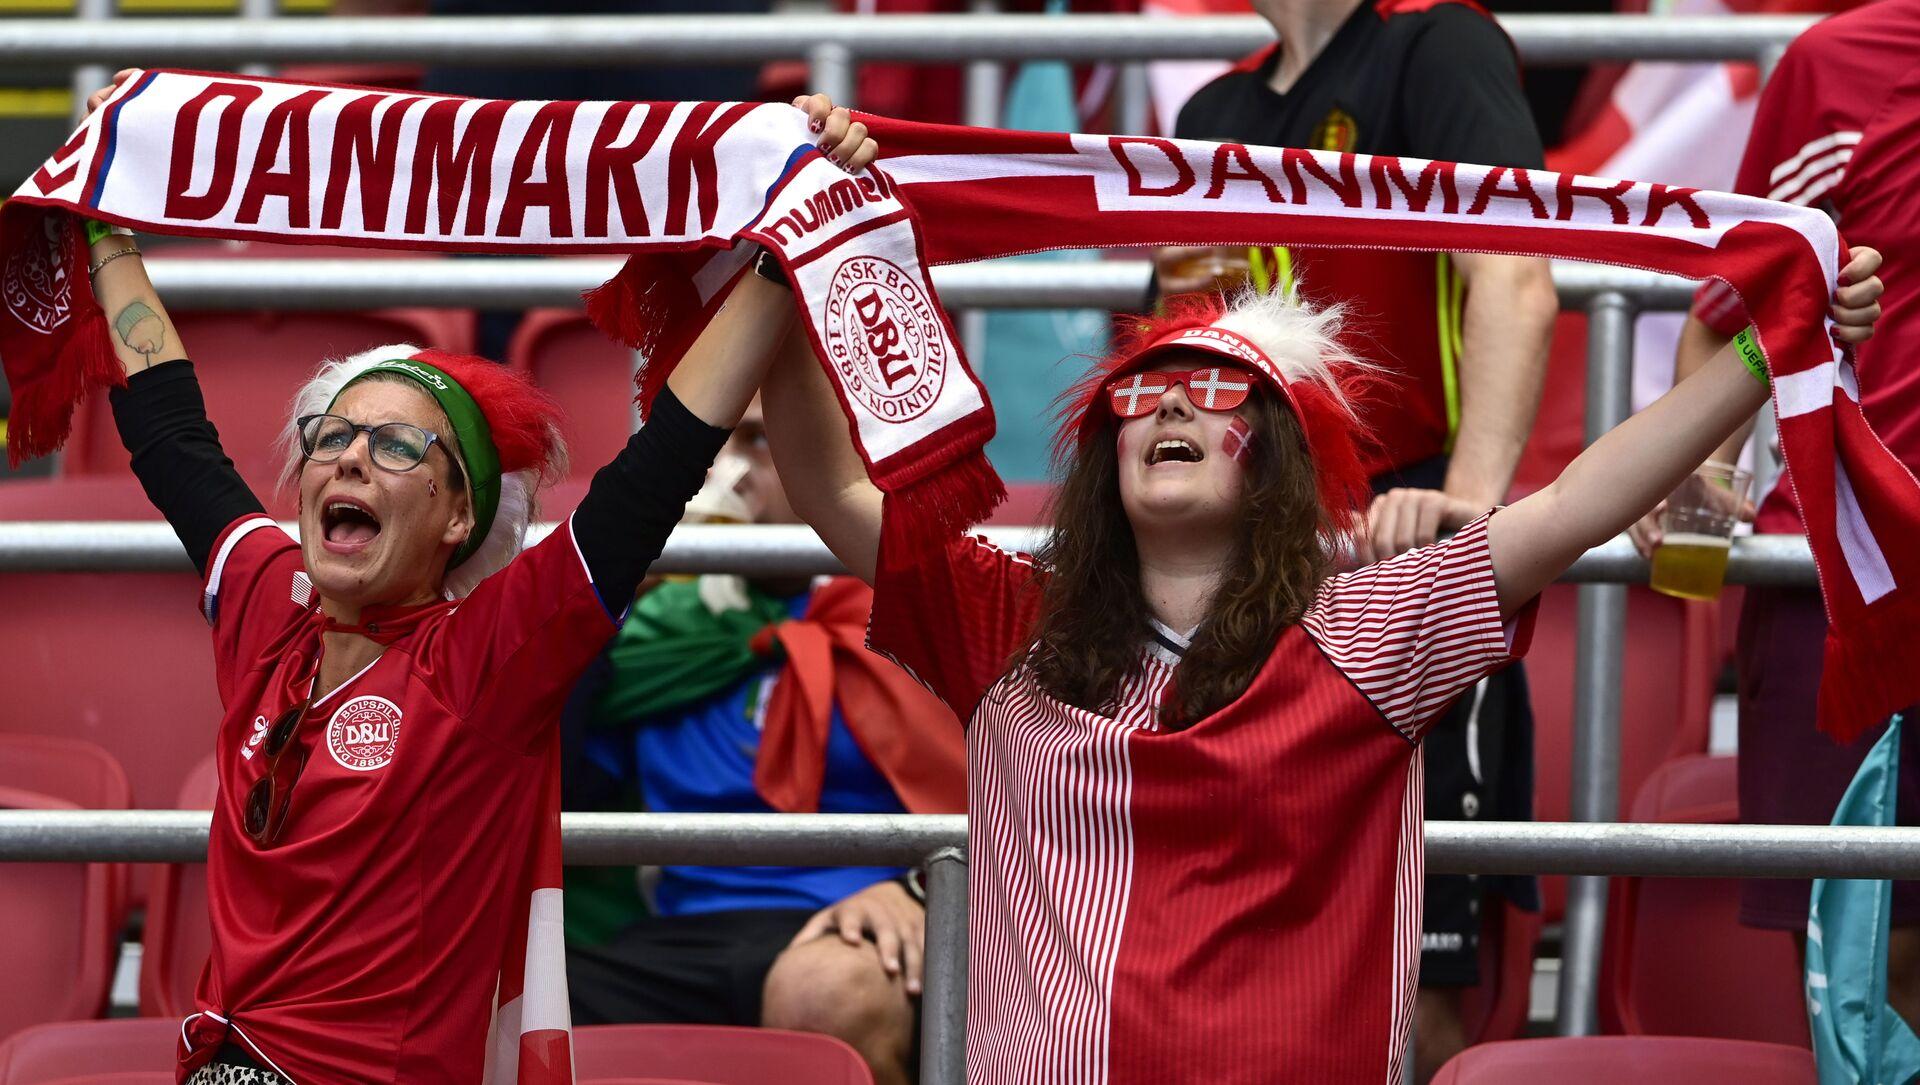 Болельщицы сборной Дании на ЕВРО-2020 - Sputnik Азербайджан, 1920, 01.07.2021